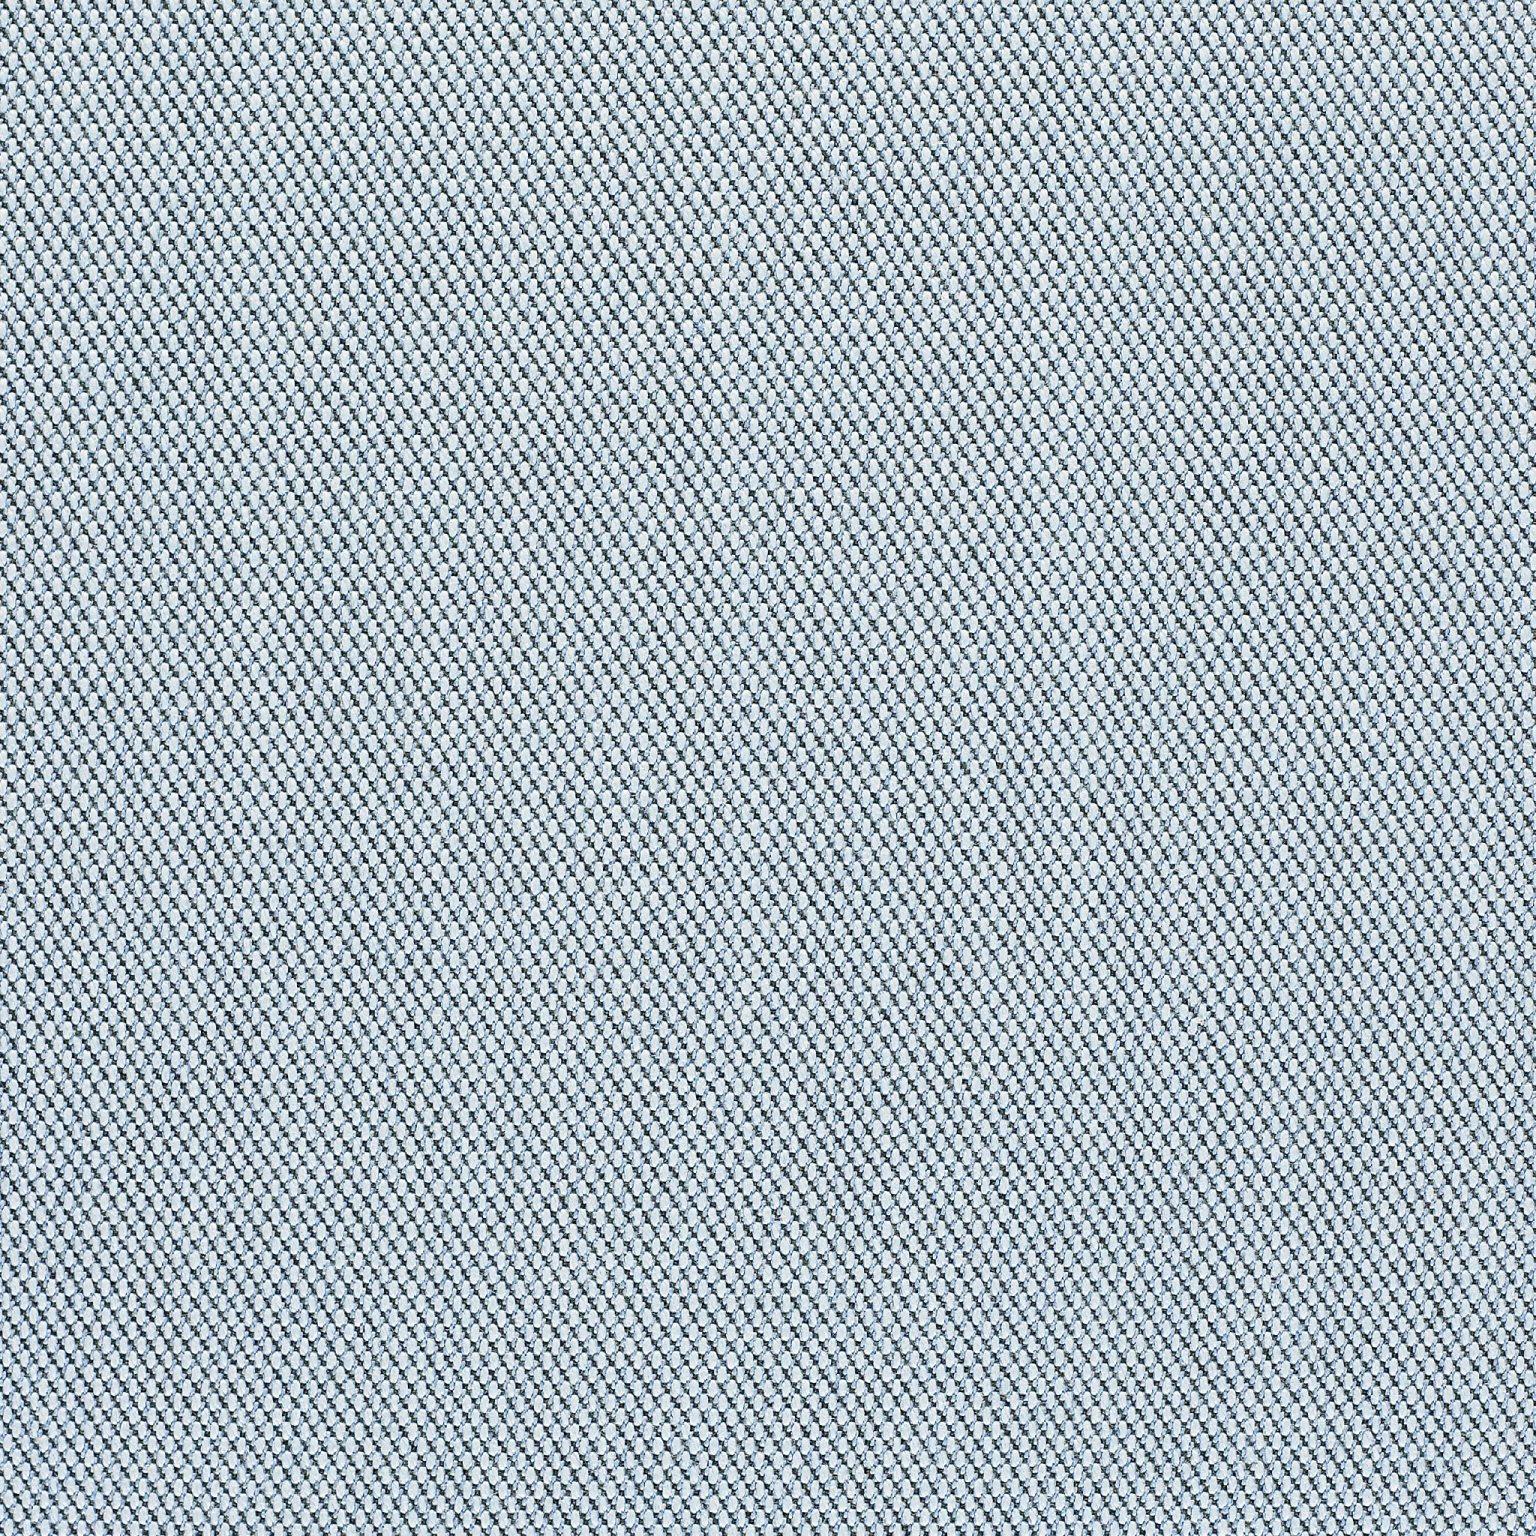 Torba SHOPPER z wełny z dodatkiem nylonu duńskiej marki Kvadrat. Trójwymiarowa powierzchnia nowoczesnej tkaniny tapicerskiej przypomina małe piramidy lub stalowe punkty. Pomimo złożoności innowacyjnego splotu tekstylnego, ma prosty, precyzyjny wyraz. Asymetryczne, miękkie torby SHOPPER, wykonane są z odpadów produkcyjnych - wysokiej jakości materiałów tapicerskich. Tkaniny używane do produkcji mebli są znacznie bardziej wytrzymałe i odporne na zabrudzenia. Mogą dobrze wyglądać nawet 20 lat. Kolory i melanże są przeważnie niepowtarzalne, a torba nie jest wykonywana w masowych ilościach. Dzięki temu jest bardzo małe prawdopodobieństwo, że kogoś z nią spotkasz, jak w przypadku sieciówek.Dobra wiadomość dla minimalistów i zwolenników rzeczy #nolabel. Metka The Waste jest wszyta przy dwóch wewnętrznych kieszonkach, do których możesz sięgnąć od przodu. Oddzielisz dzięki nim telefon od kluczy. Resztę codziennych drobiazgów znajdziesz, przeważnie, w tylnym rogu torby, gdzie zbiera się najwięce